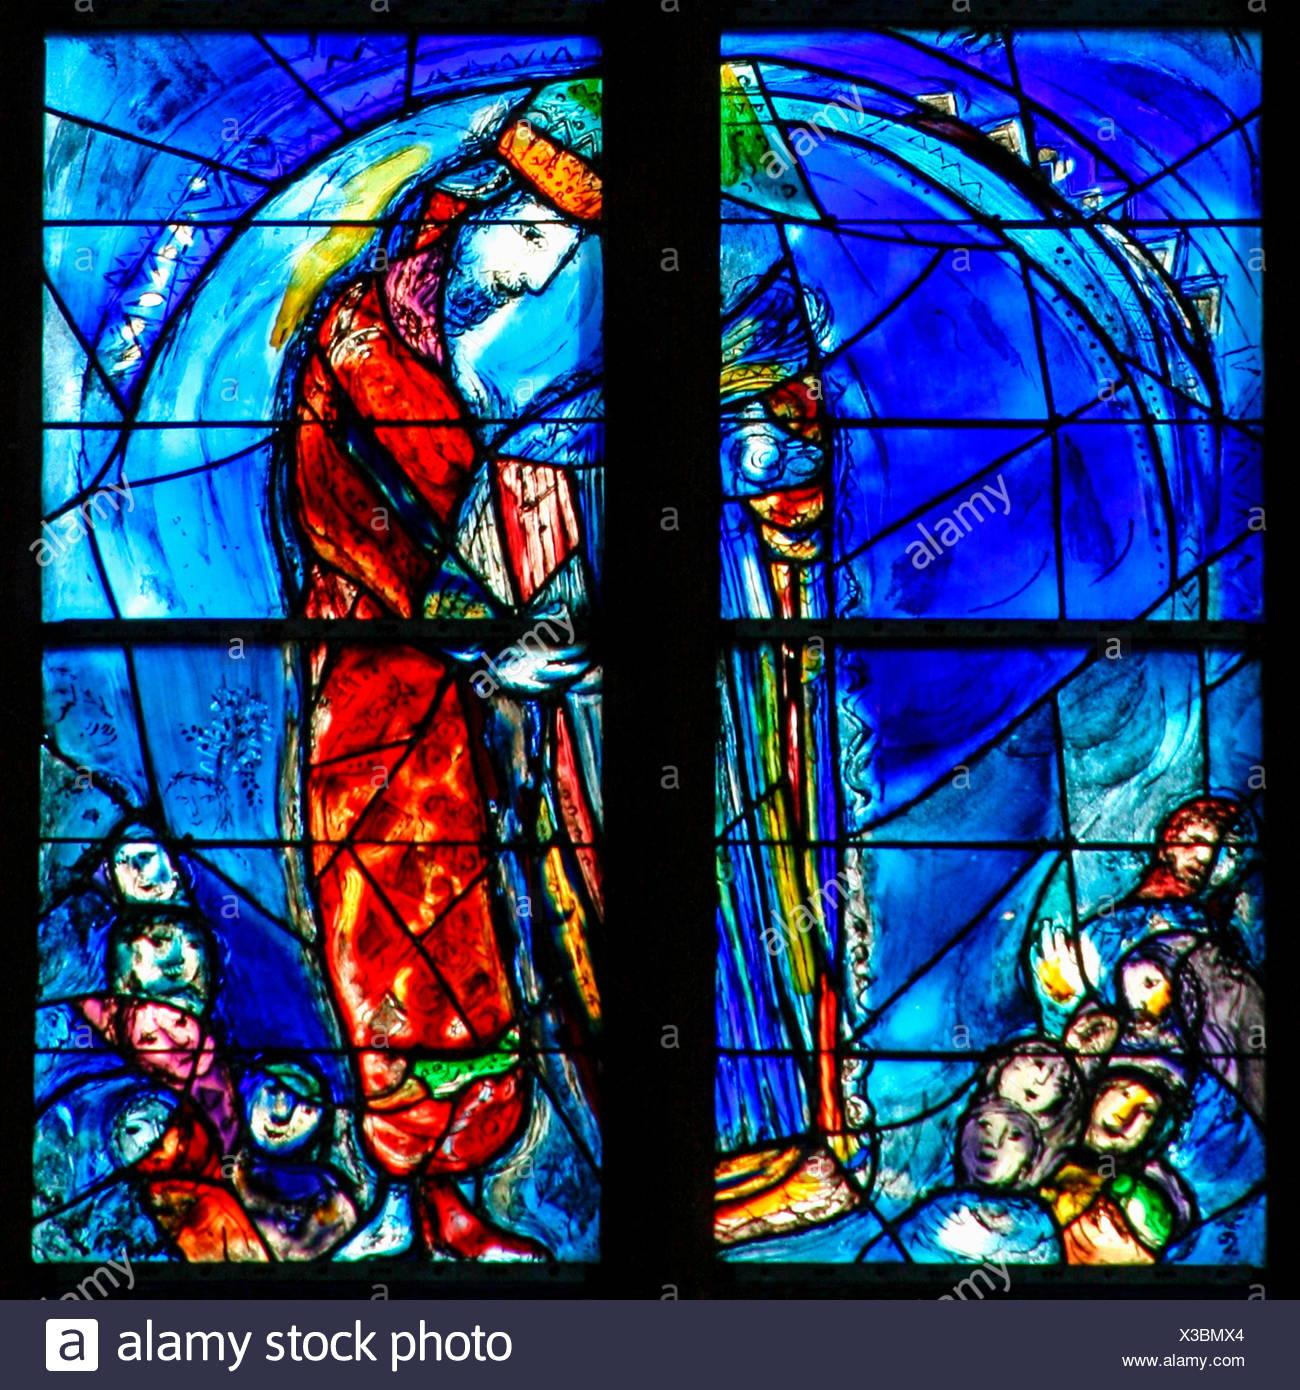 Belle arti, Chagall, Marc (1887 - 1985), vetrata, creato nel periodo della ricostruzione 1978-1985, vista dettagliata, chiesa Santo Stefano, Mainz sul Reno, Renania-Palatinato, artista del copyright deve anche essere cancellato Immagini Stock